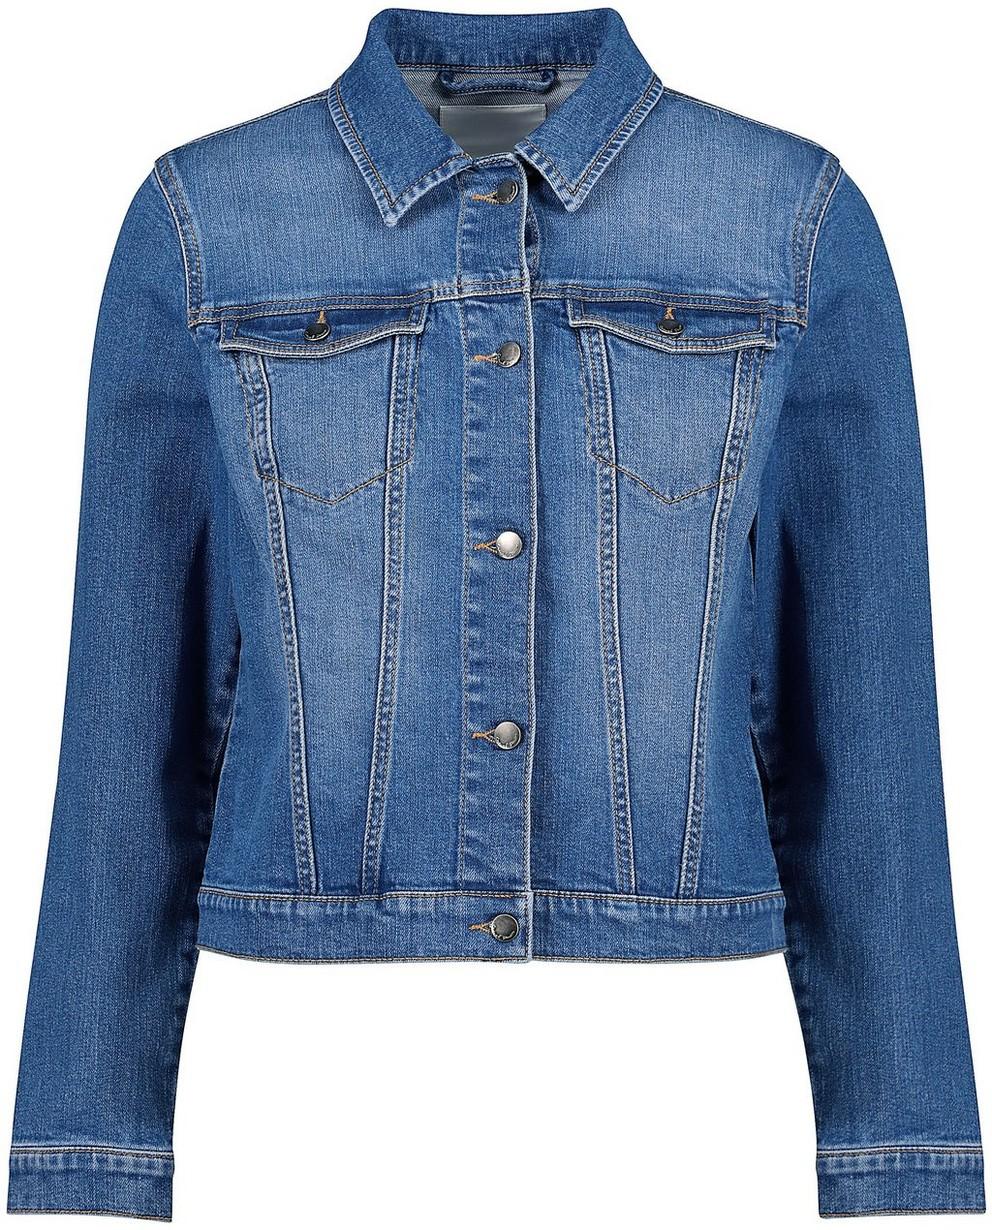 Veste en jeans - délavée, modèle court - JBC